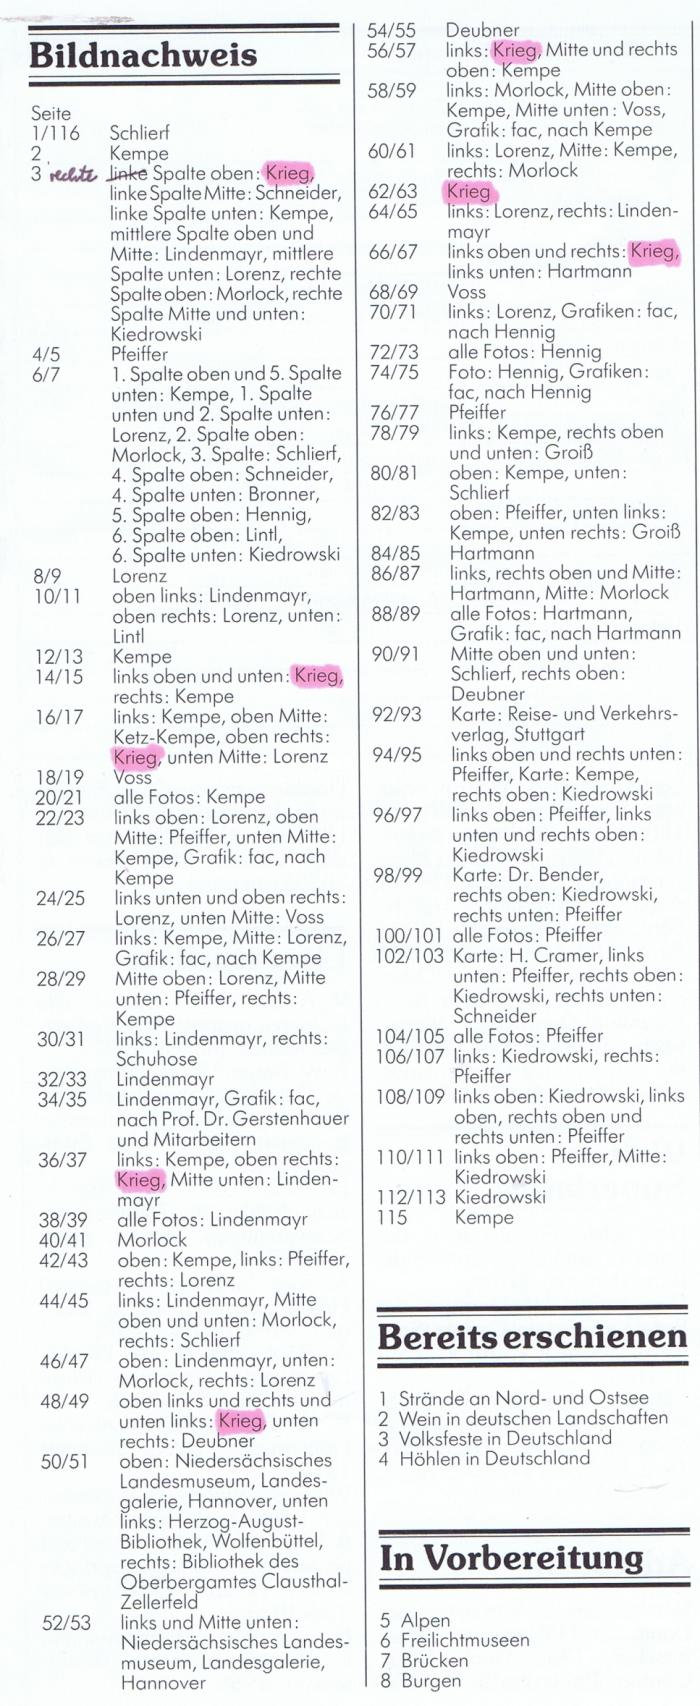 1982_Hoehlen-in-Deutschland_Bildnachweis_700